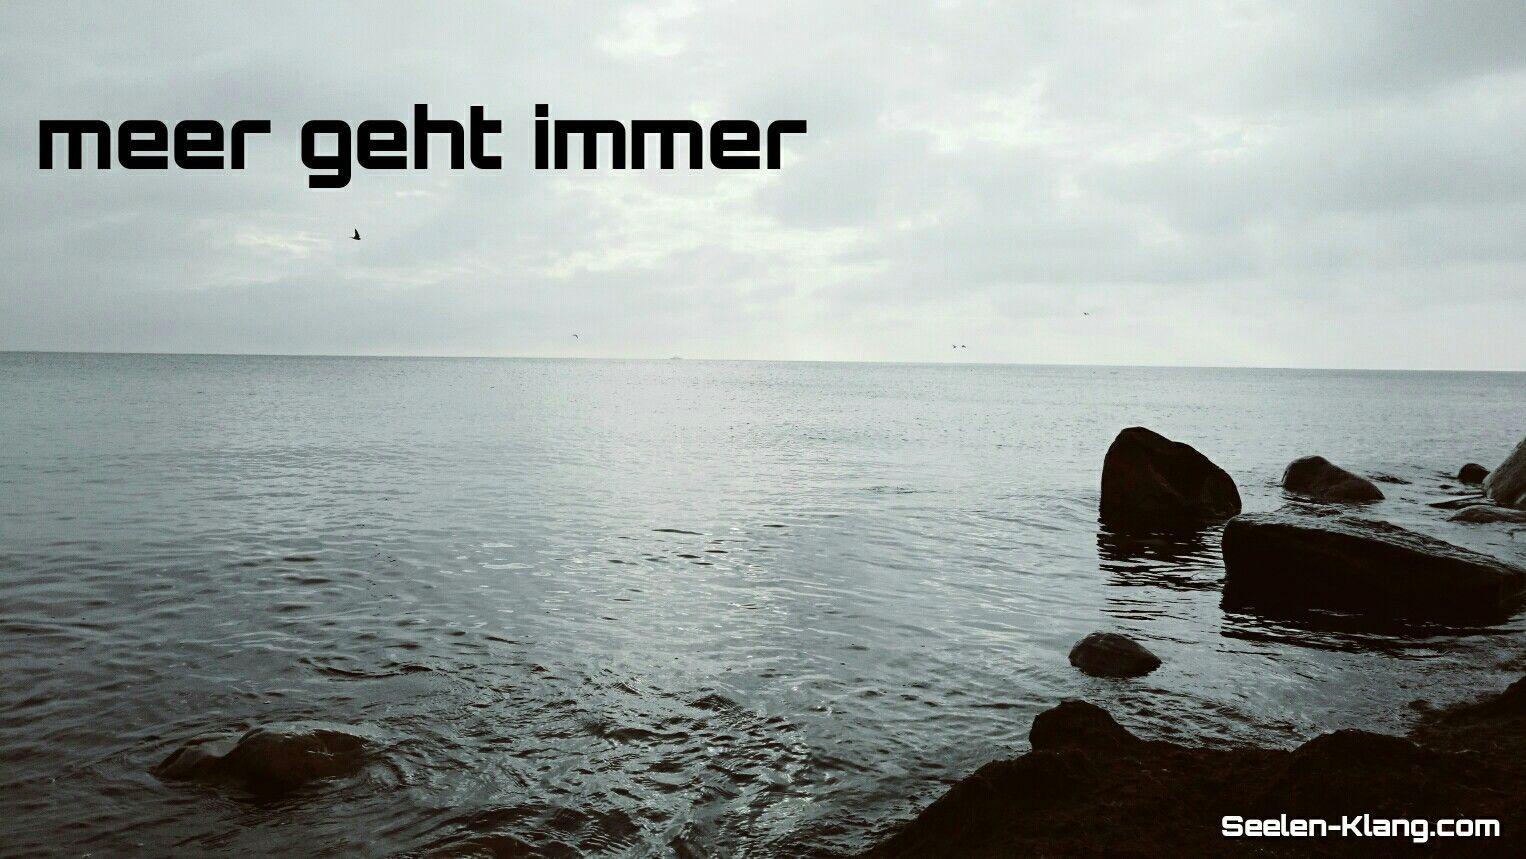 Meer geht immer www.seelen-klang.com